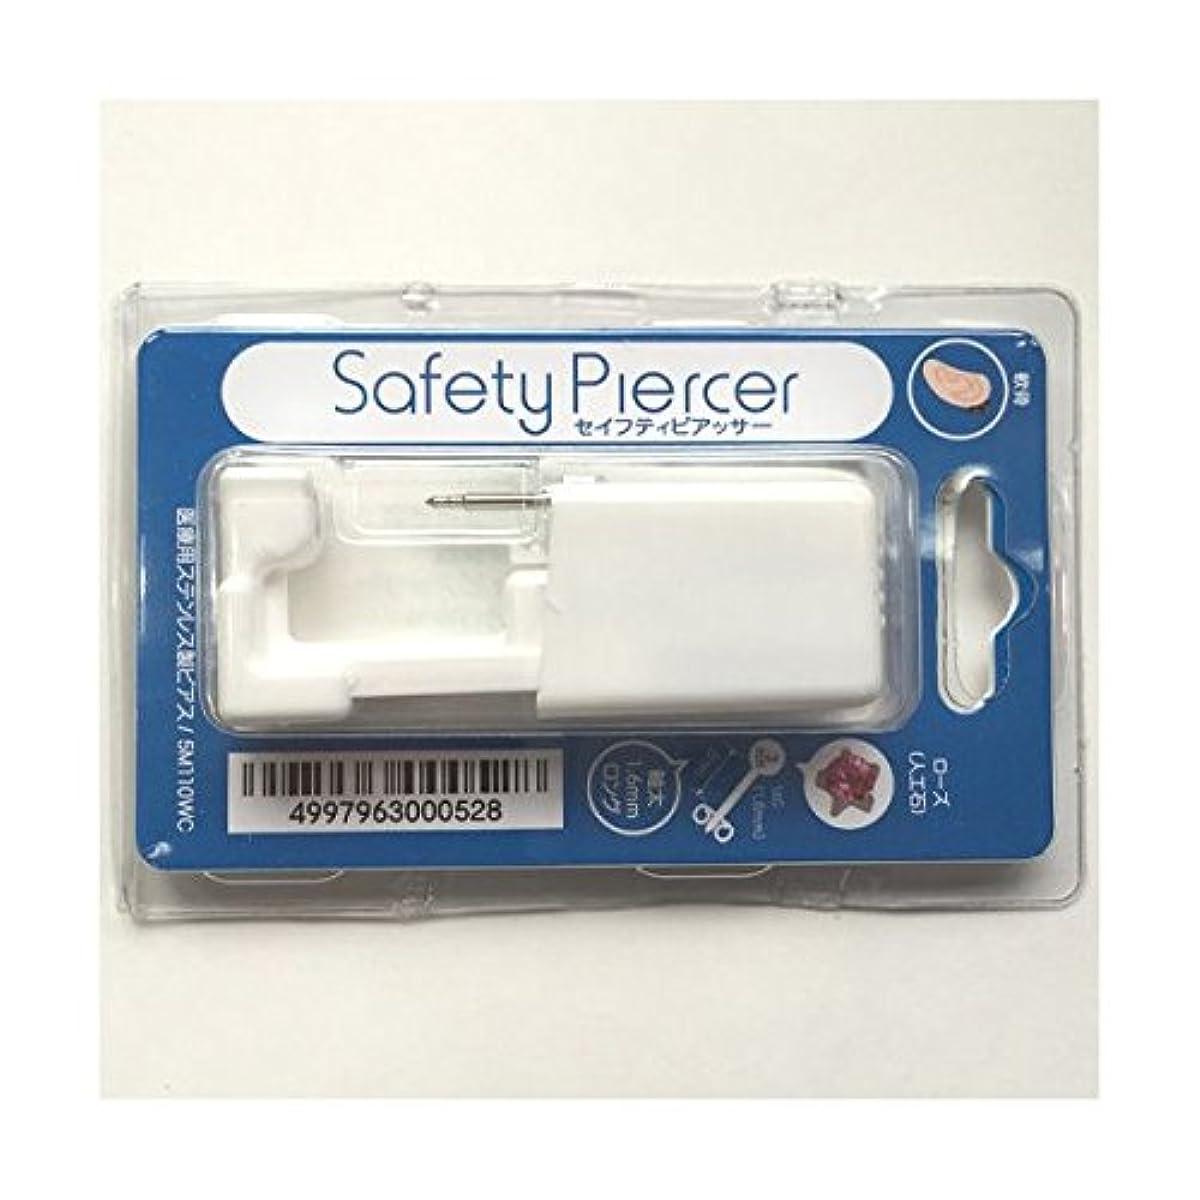 制限定規シェーバーセイフティピアッサー シルバー(医療用ステンレス) 3mm ローズ 軟骨用 5M110WC(正規品)